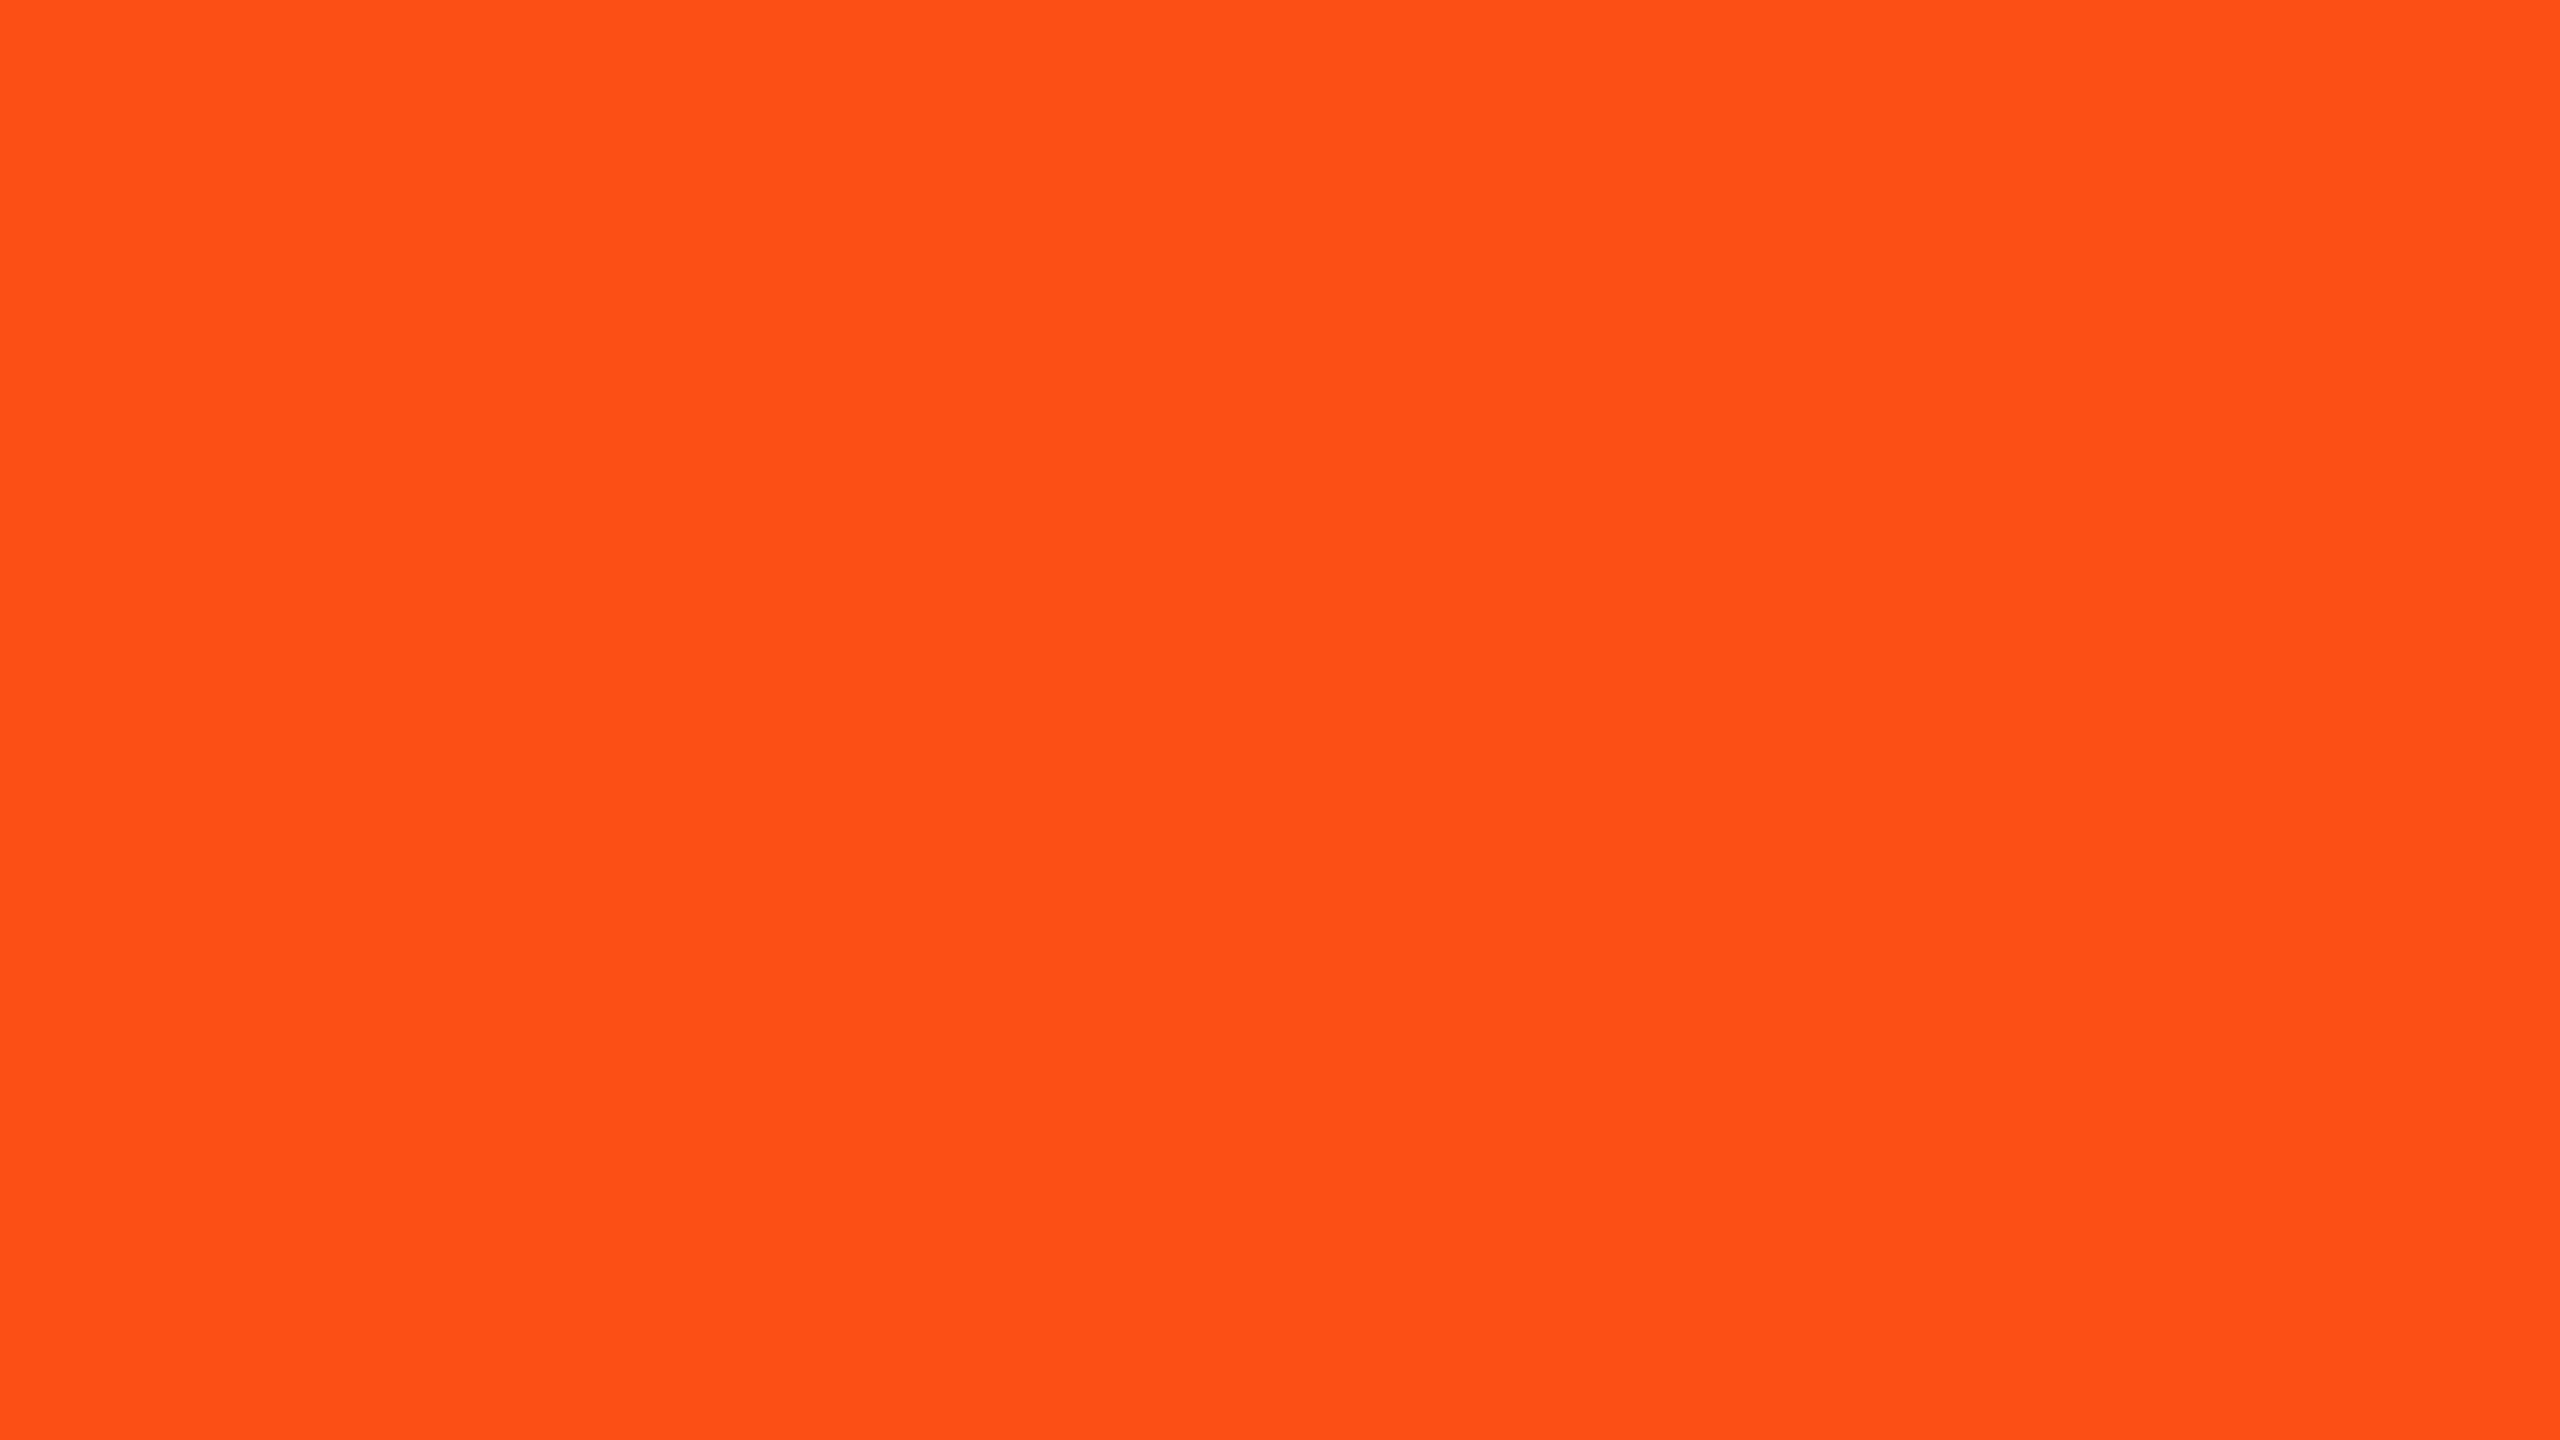 могут чисто оранжевая картинка цвет